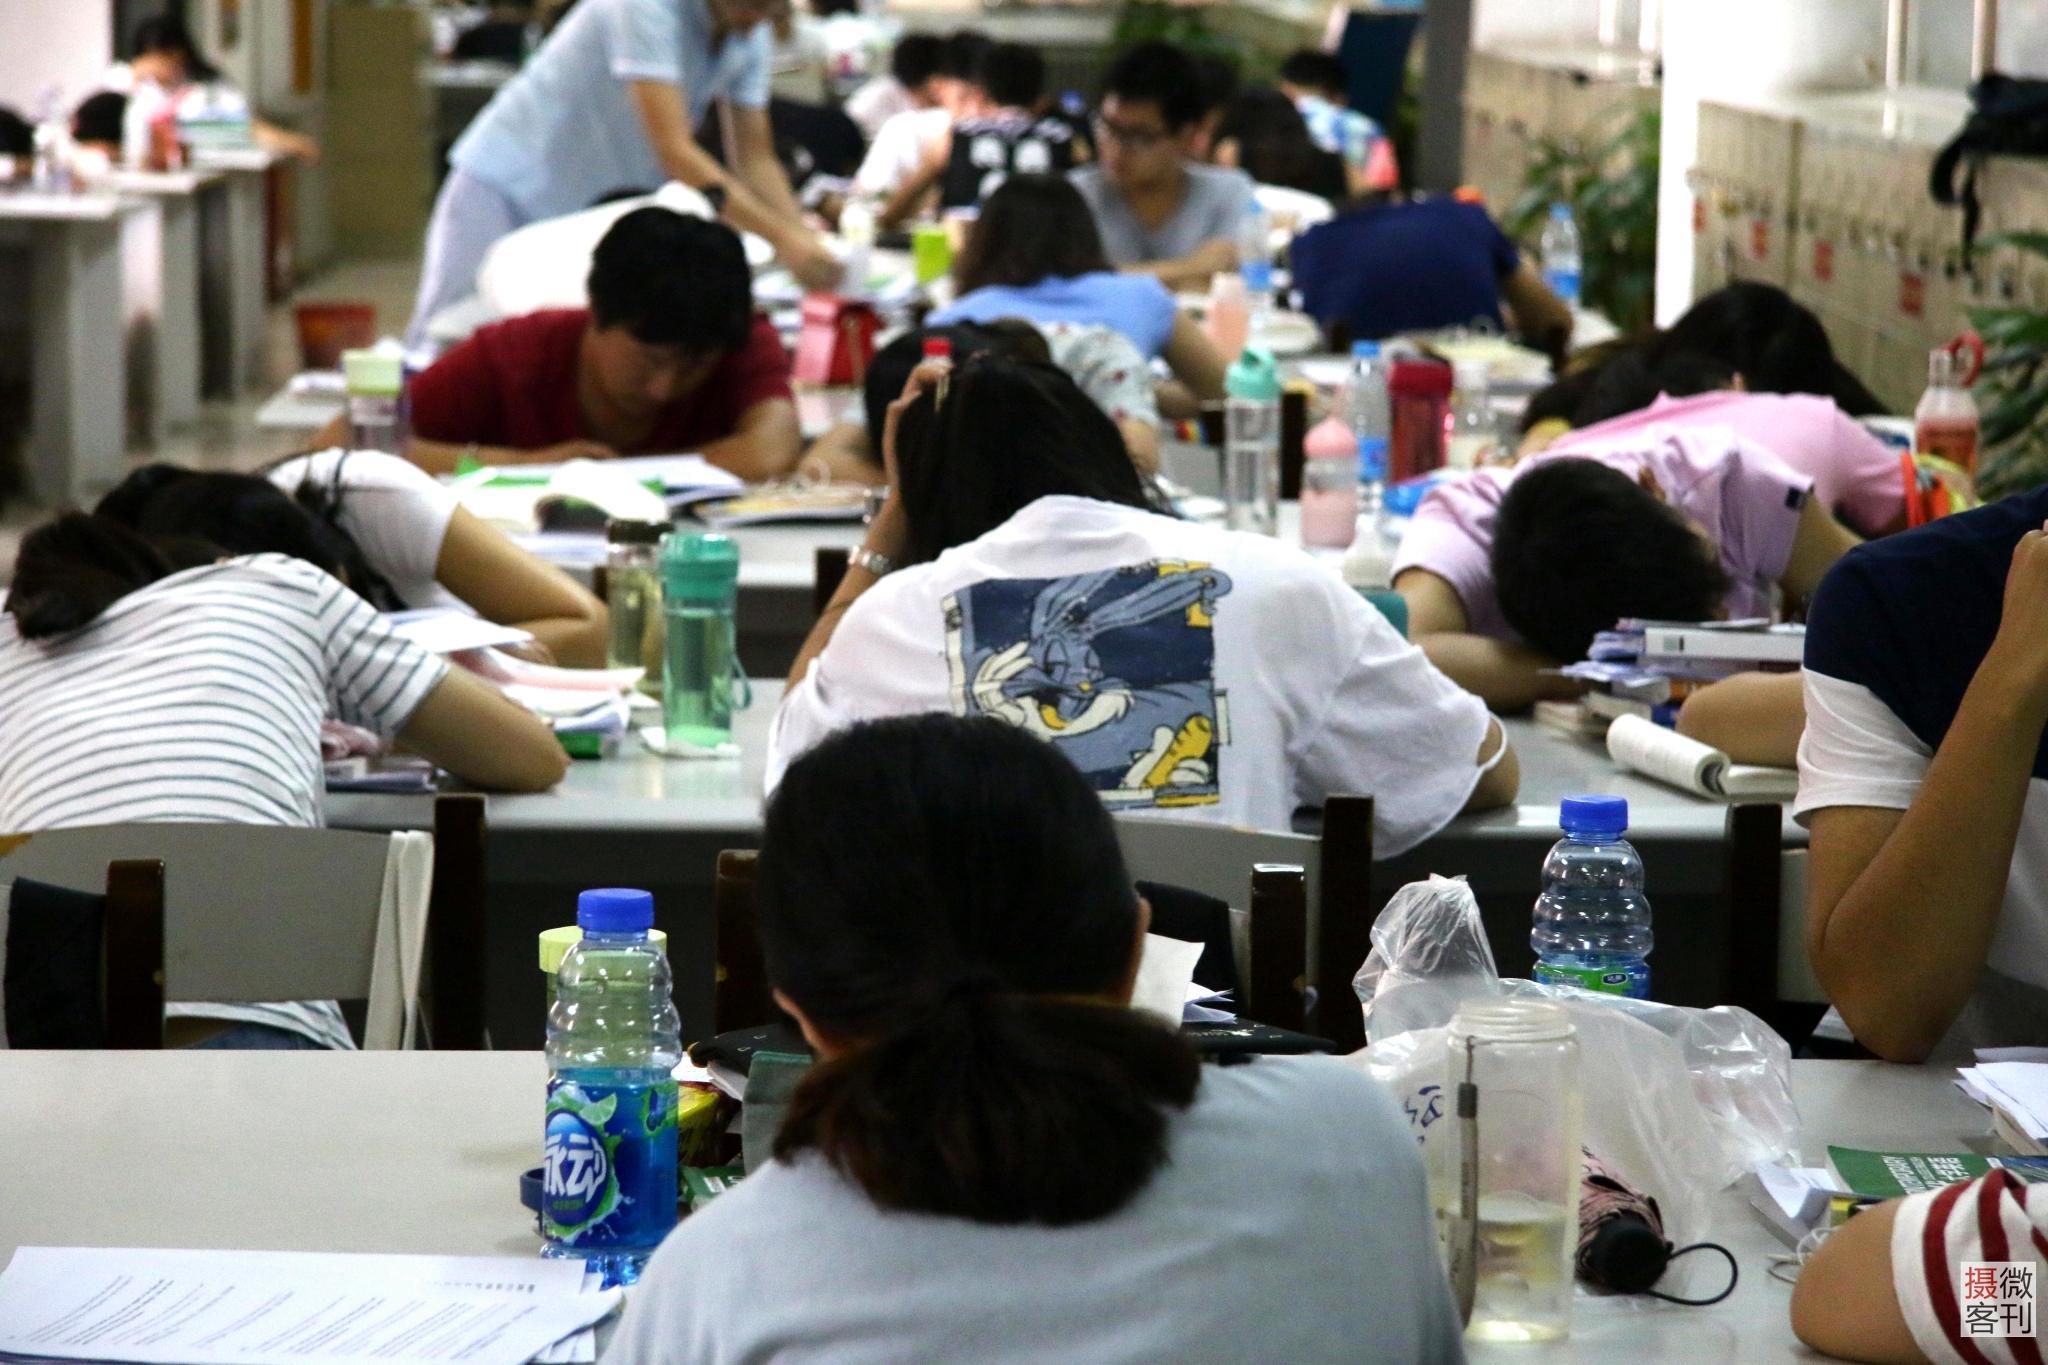 大学生�y.&��f�/&_高温天图书馆爆满 大学生扎堆避暑一座难求